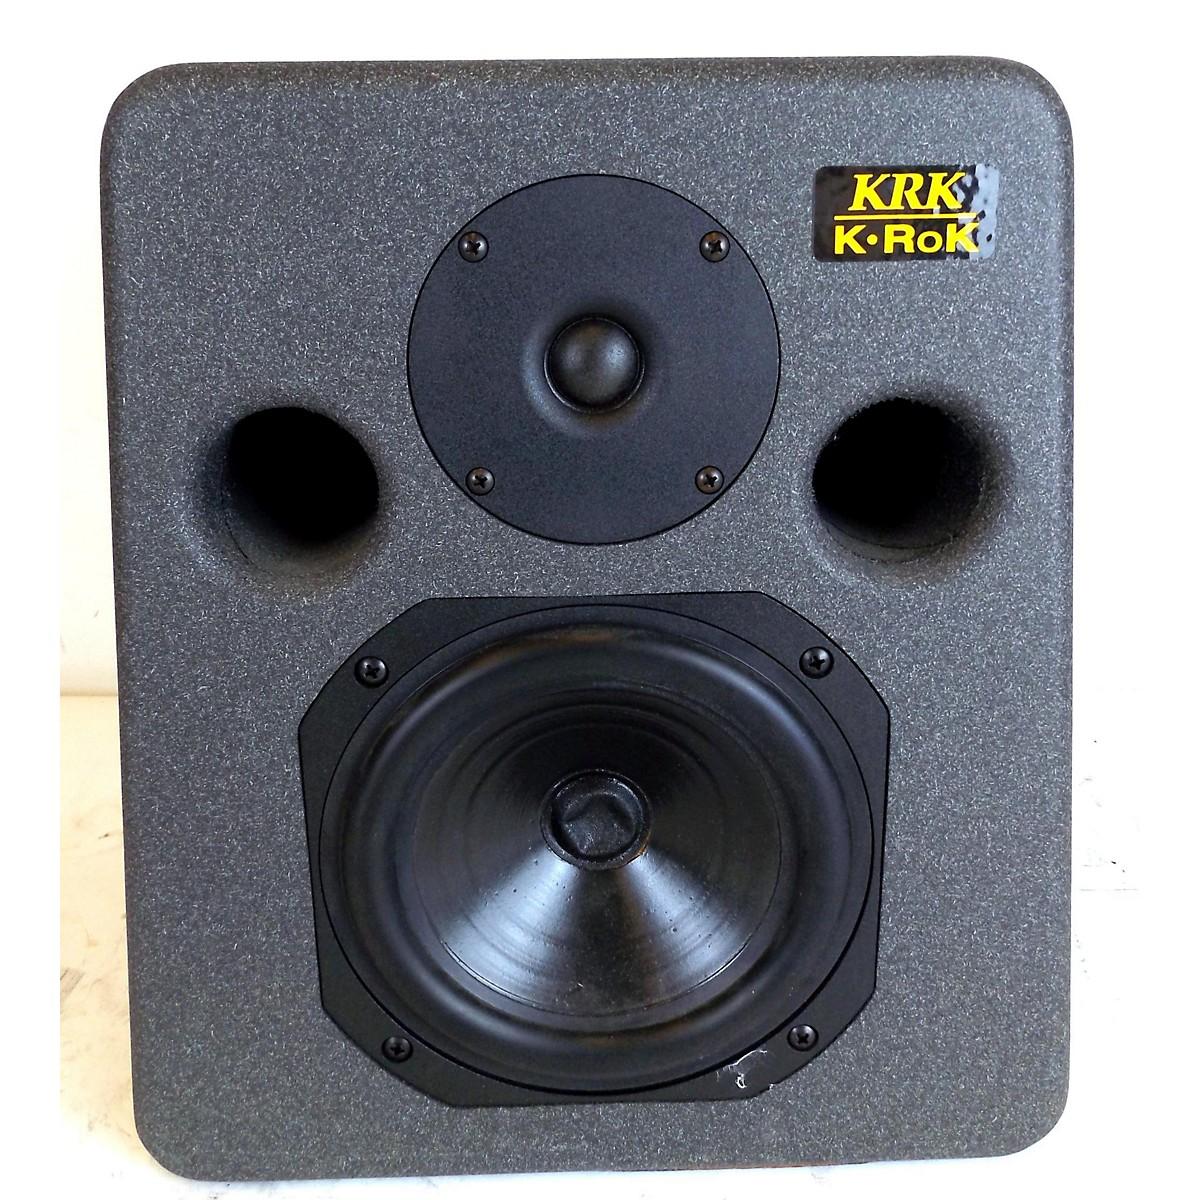 KRK Krok Passive Speaker Unpowered Monitor